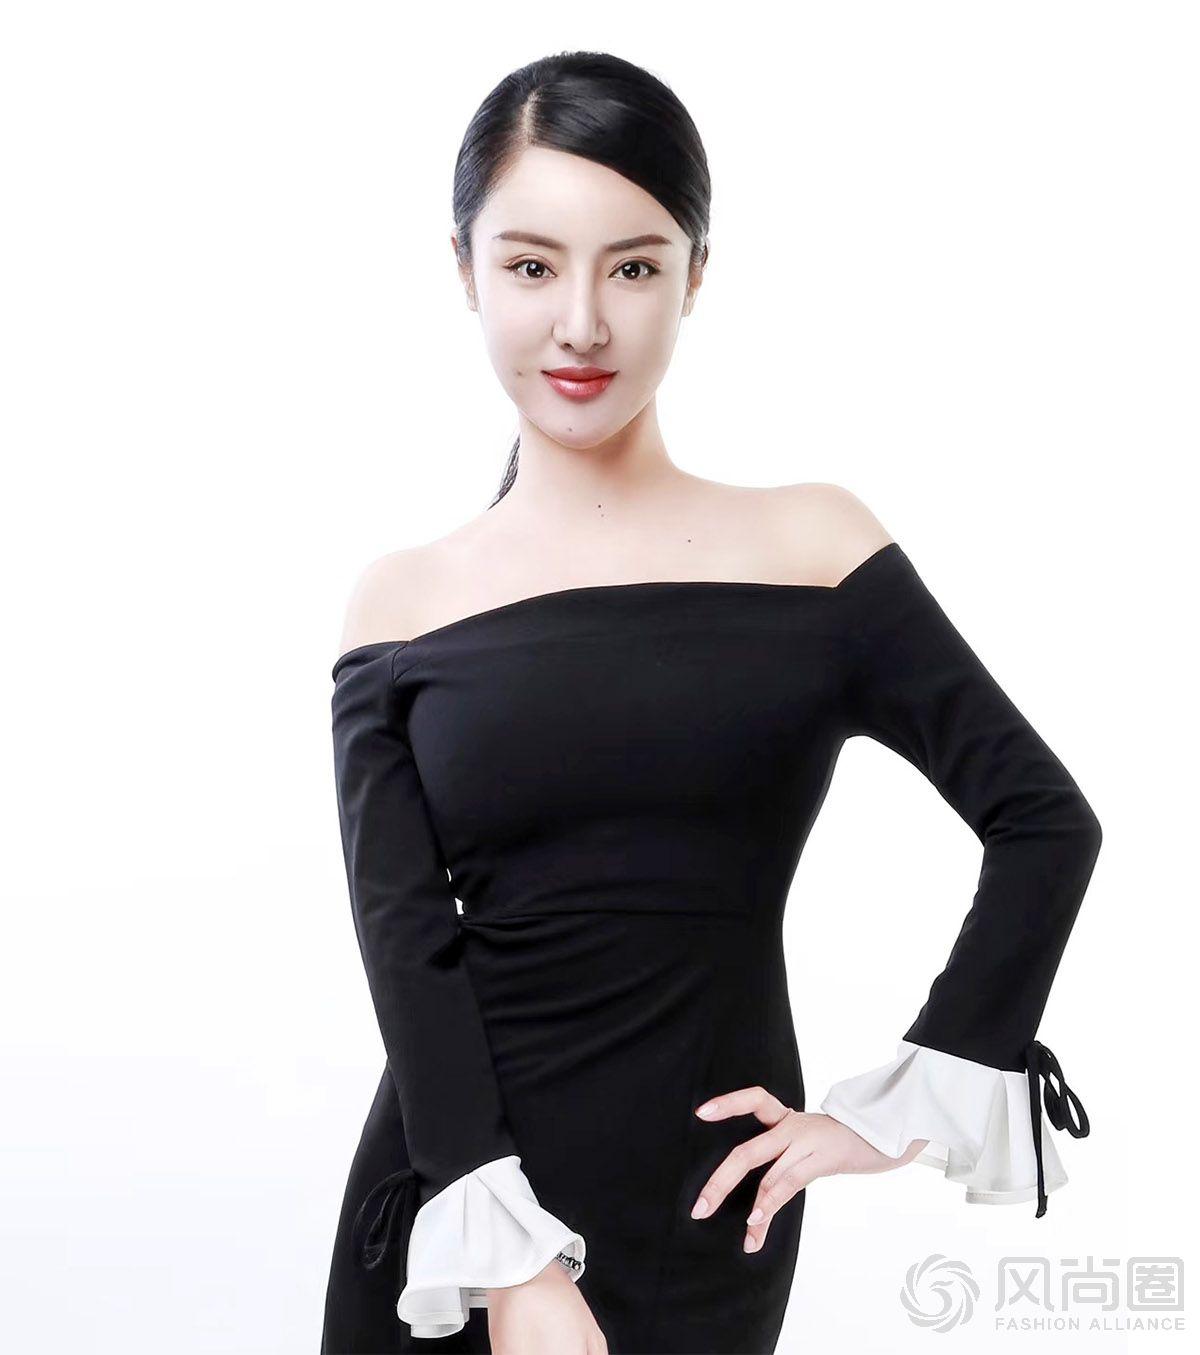 风尚圈联合创始人琳柔老师